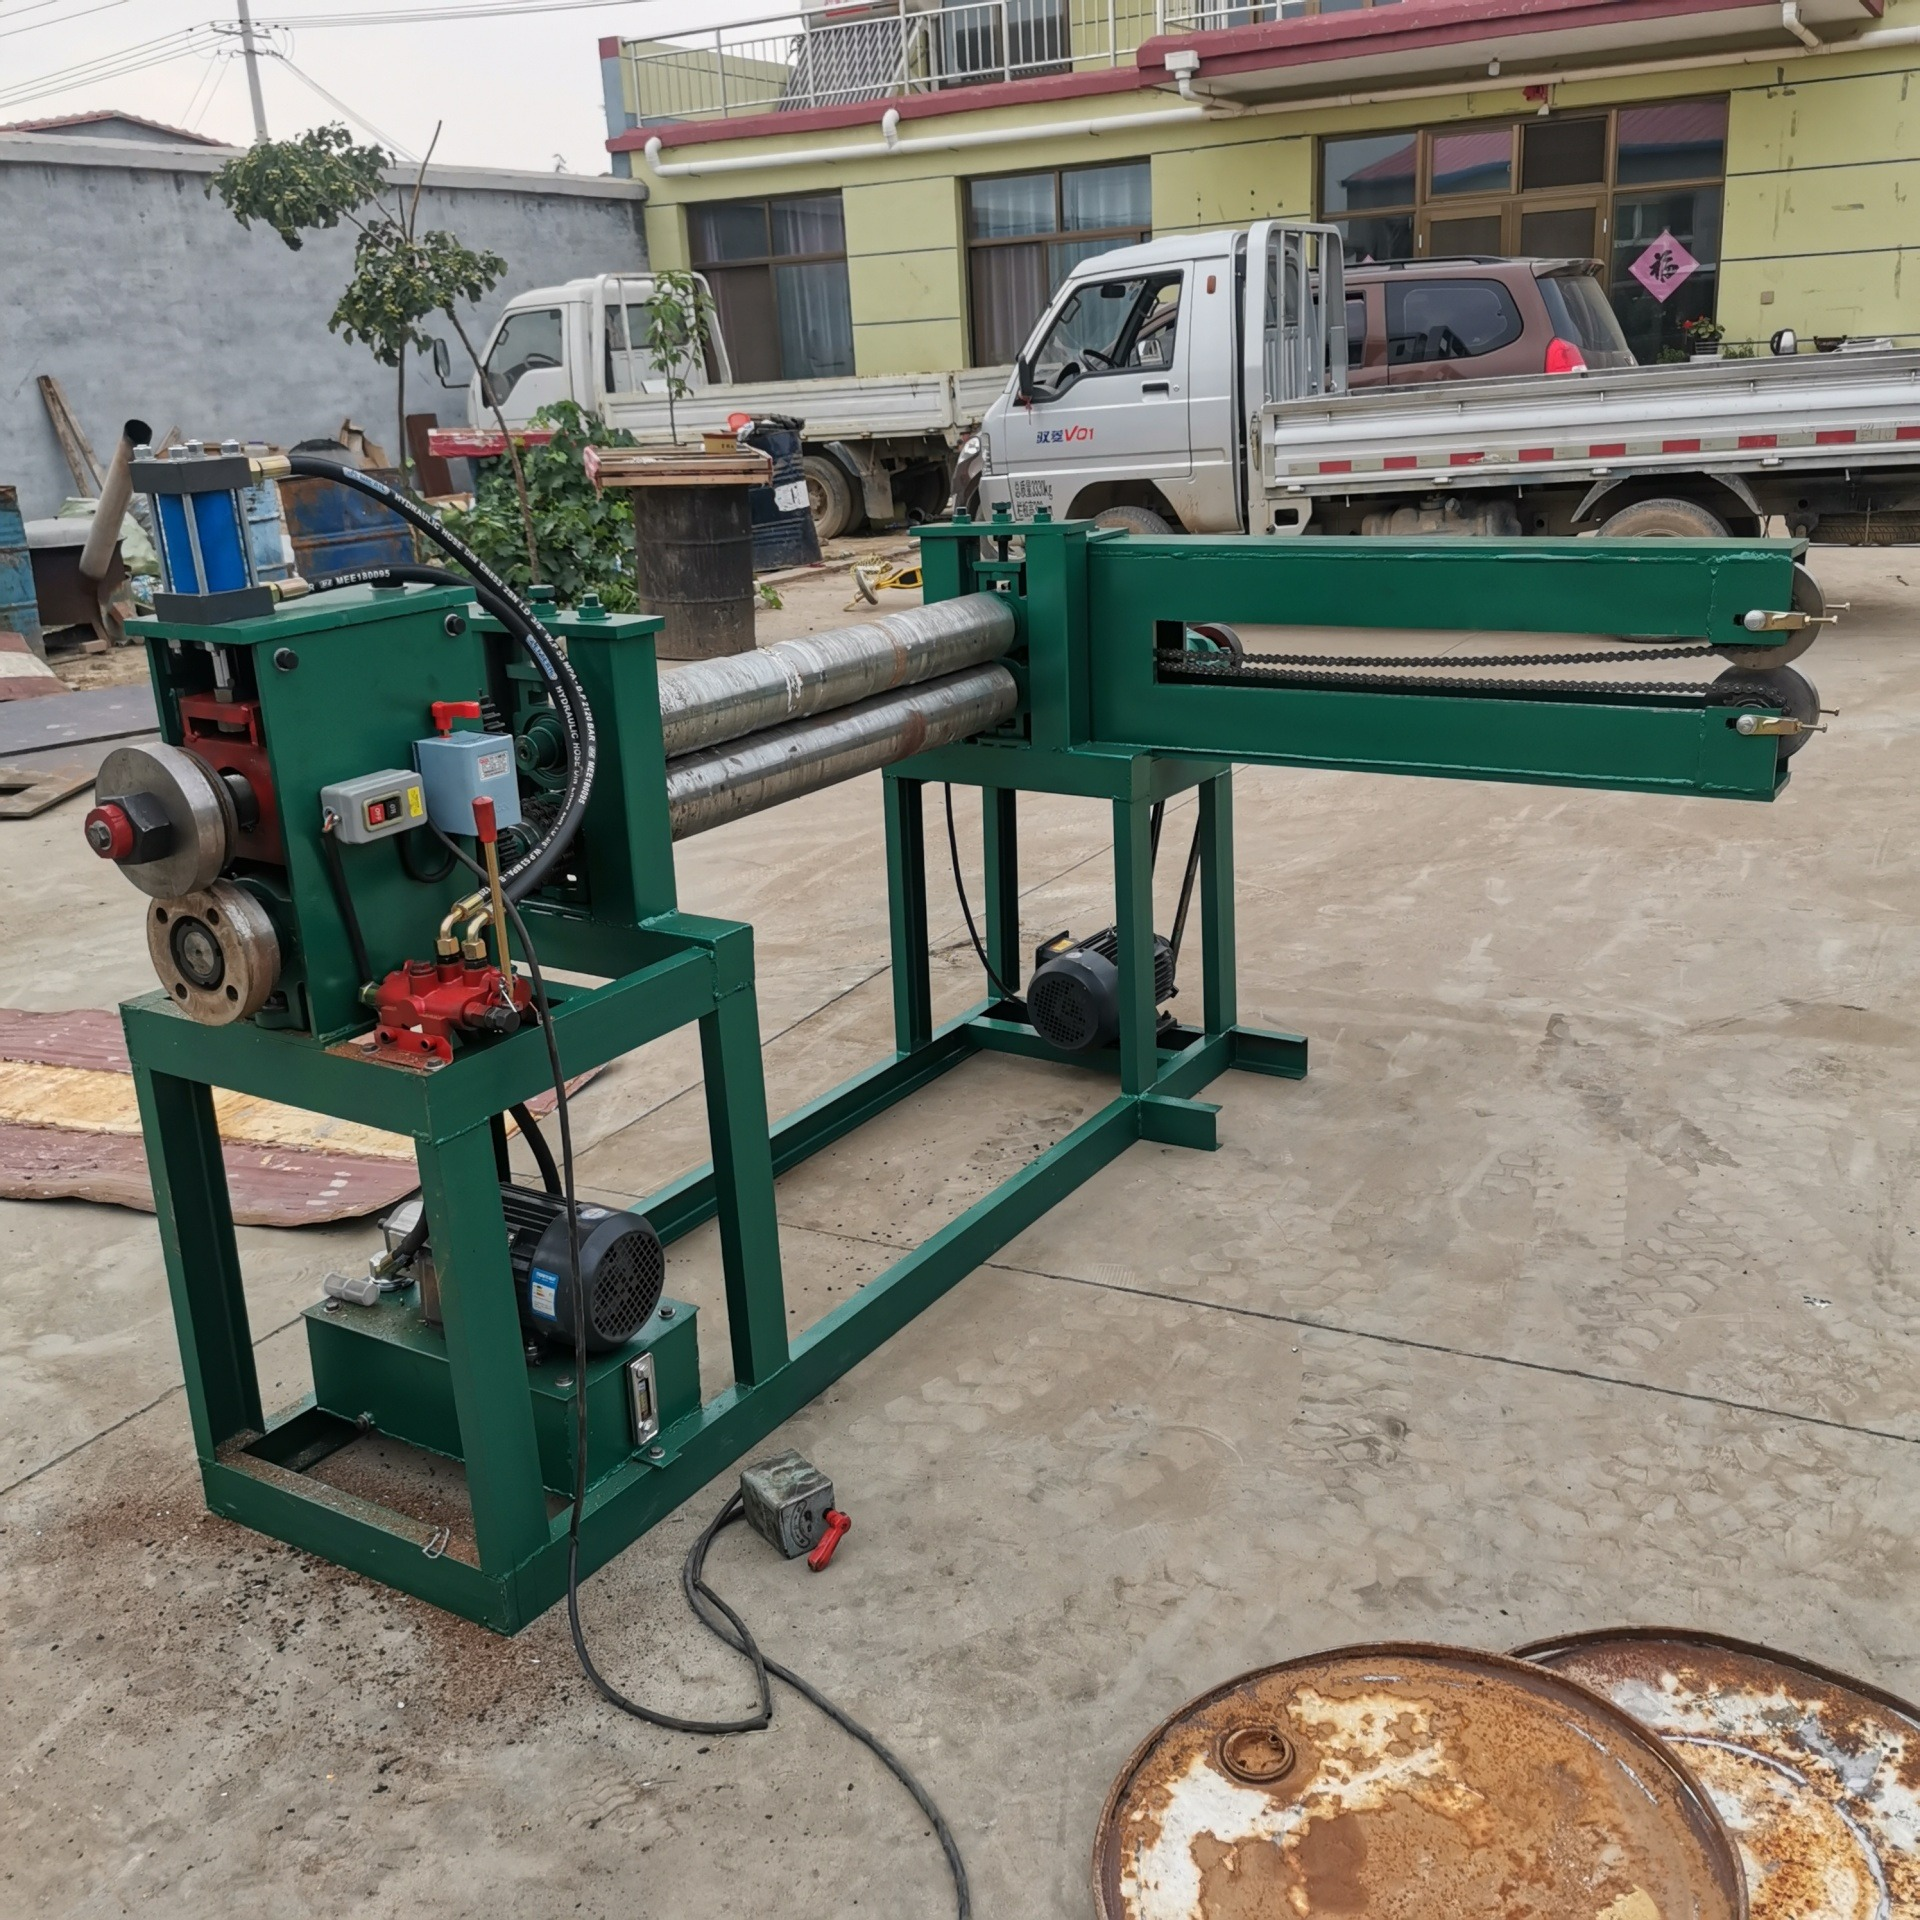 商用油桶切割機 廢舊鐵桶三合一體機 160型鐵桶切割機視頻 油桶切割機廠家報價